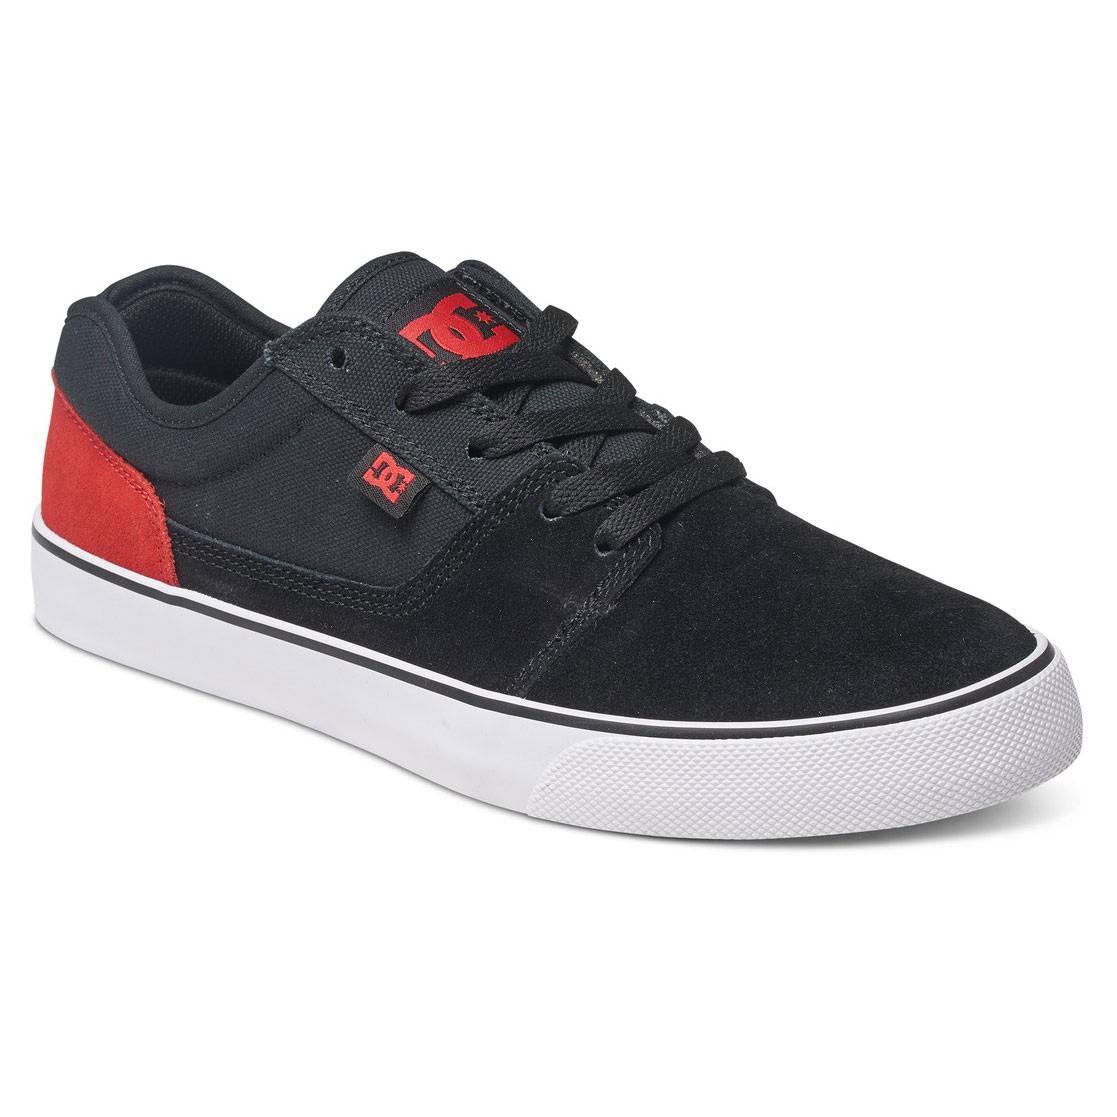 Tenisky DC Tonik black/red/white